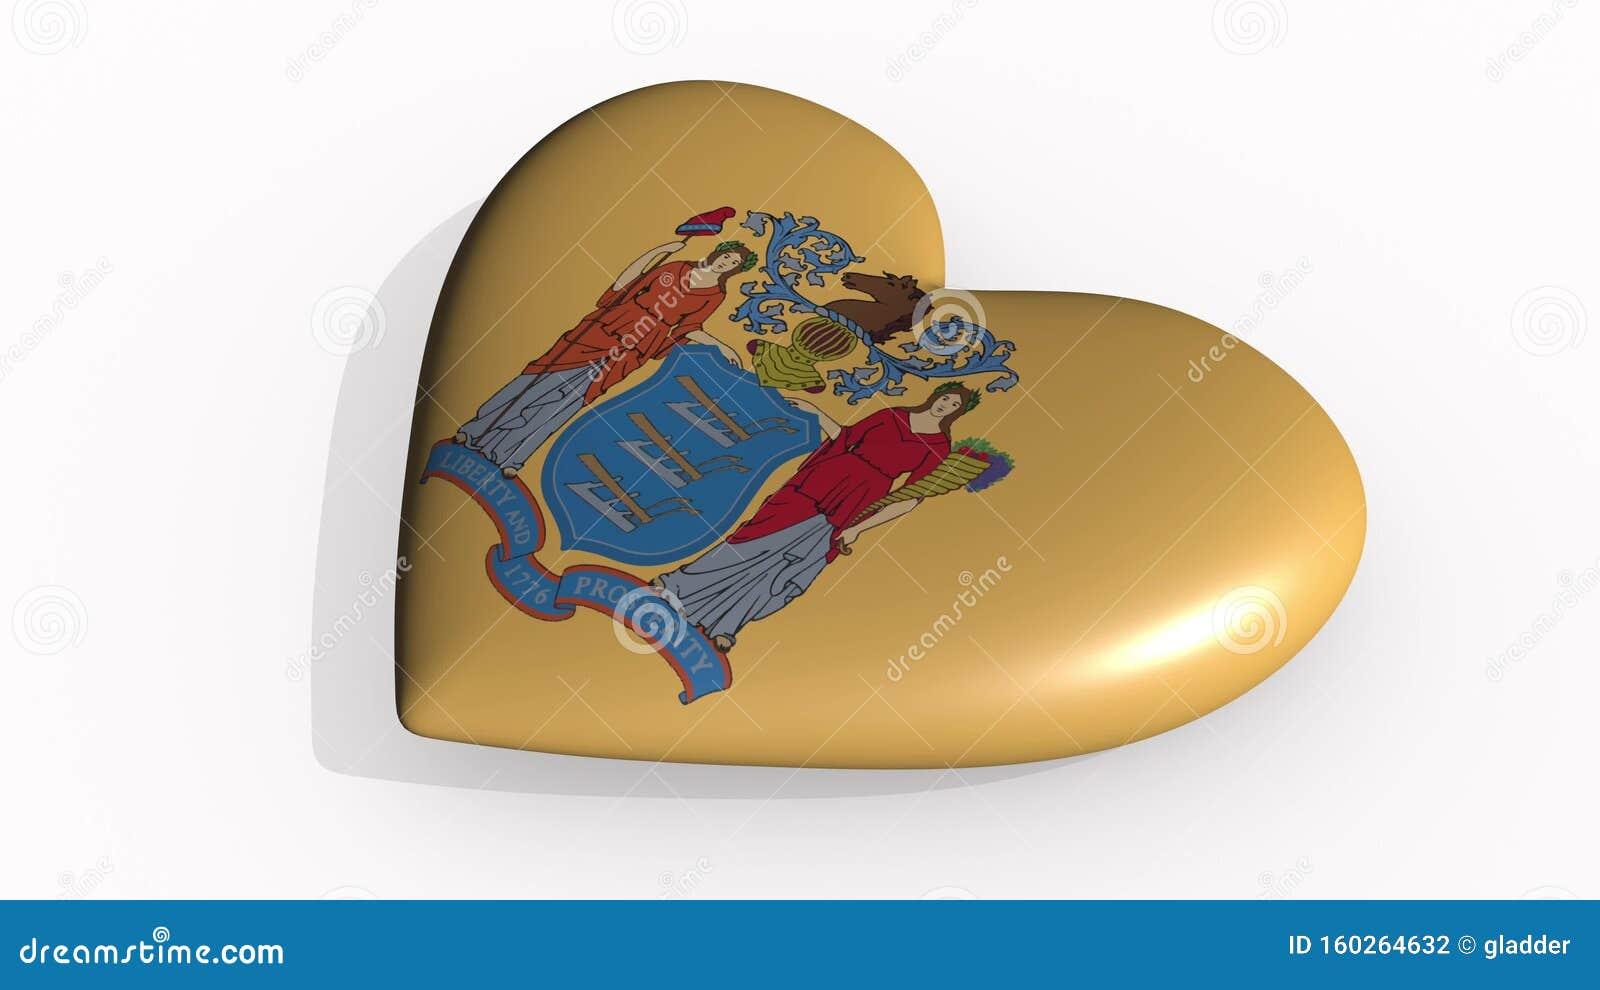 Het hart van New Jersey slaat en giet schaduw, 3d rendering